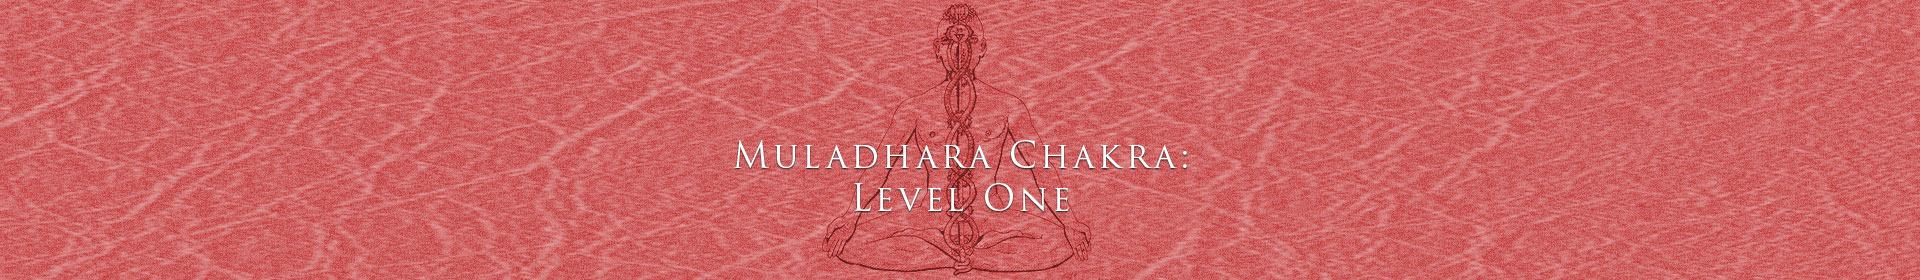 Muladhara Chakra: Level One